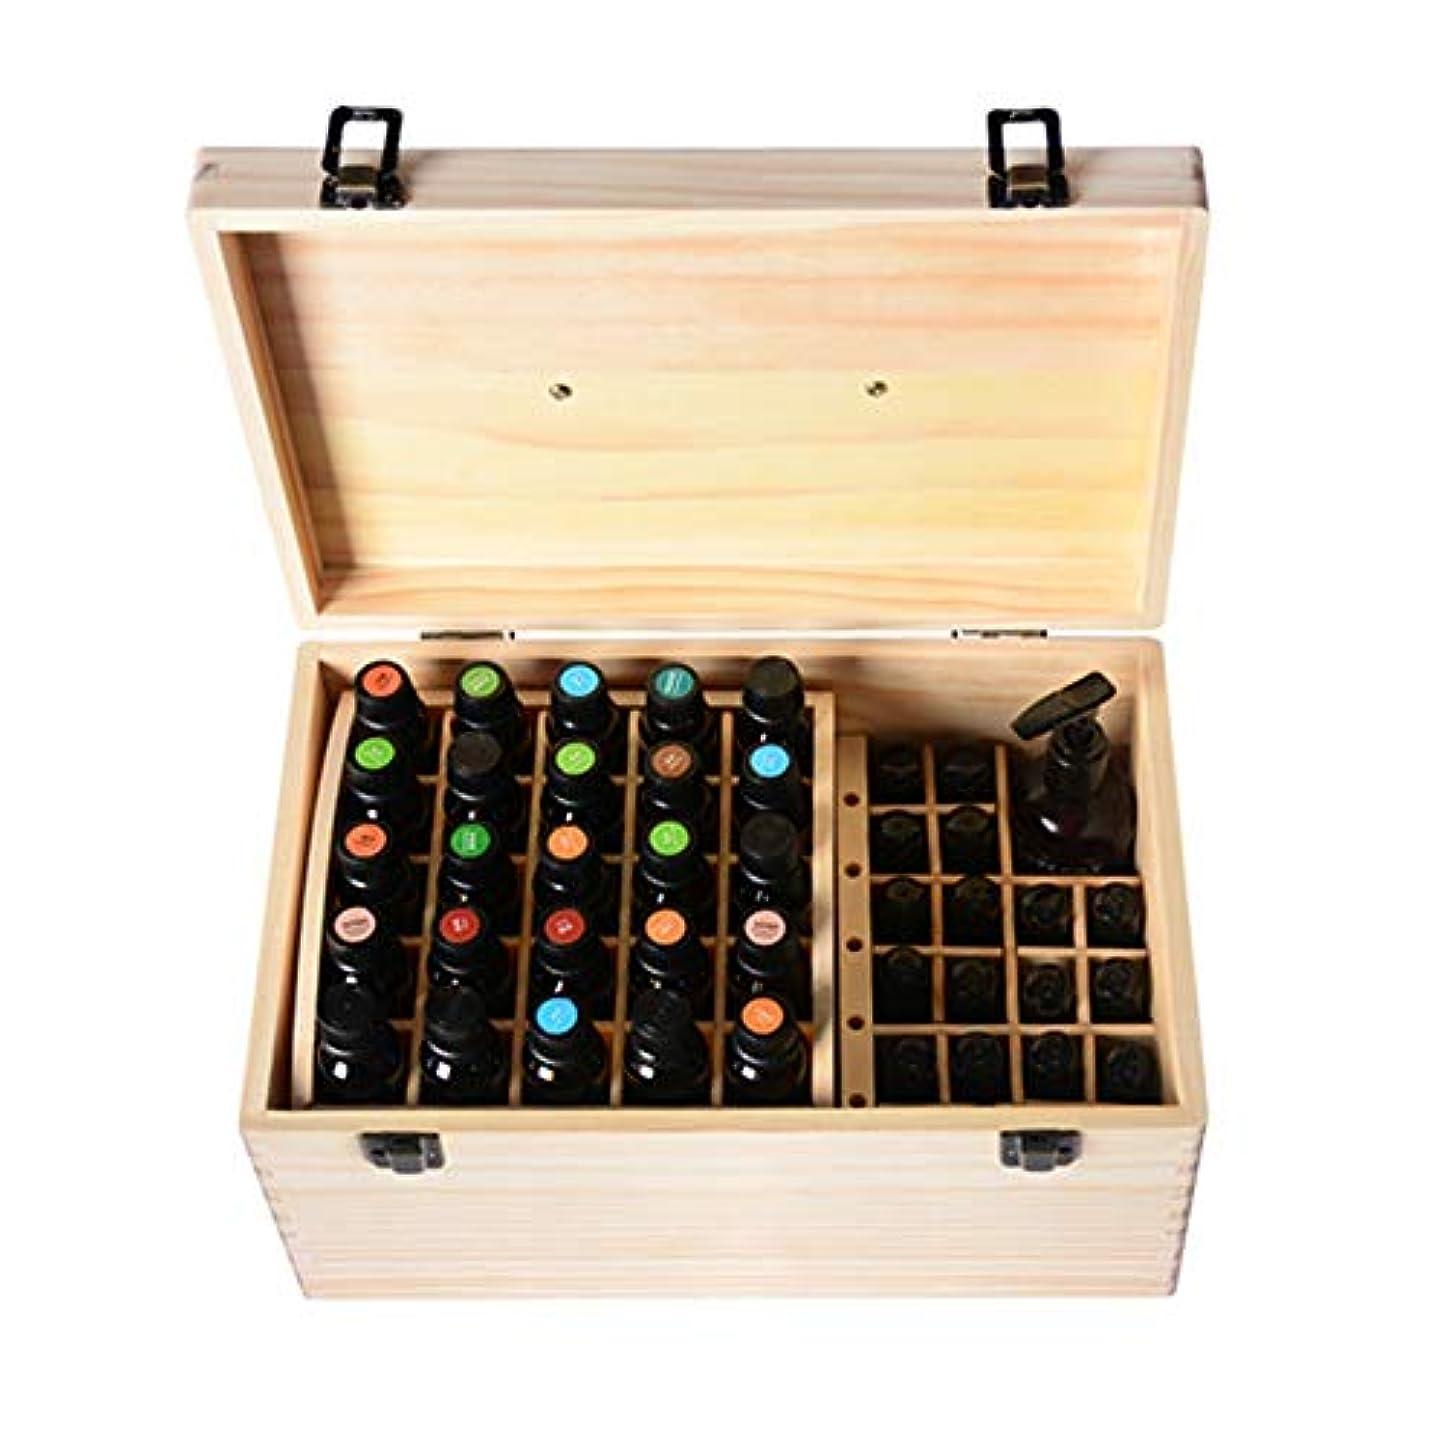 こねる独創的仕立て屋74スロット木エッセンシャルオイルボックス収納ケース内部のリムーバブルは15/10 M1のボトルナチュラルパインを開催します アロマセラピー製品 (色 : Natural, サイズ : 35X20X16.5CM)